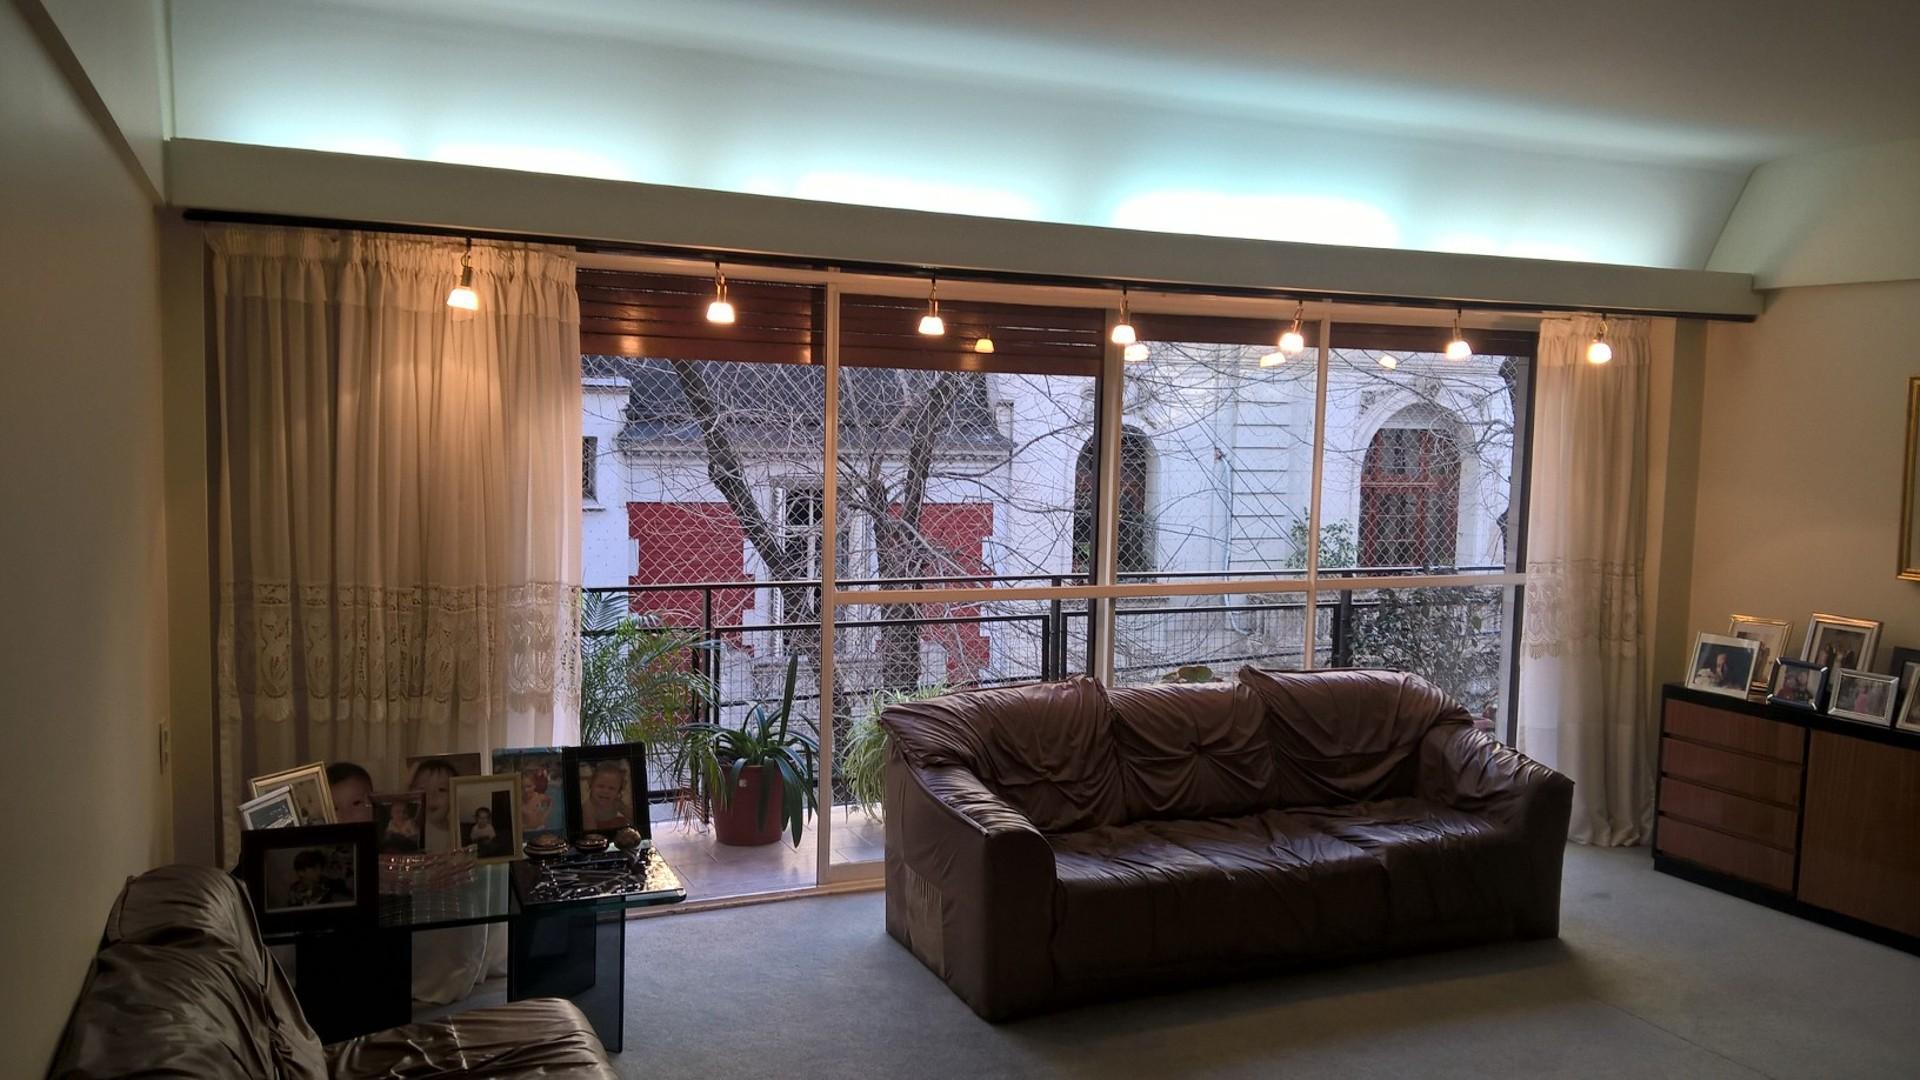 Excelente piso de 4 Amb. c/dep y Cochera. Caballito. Rep. de Indonesia 0-100